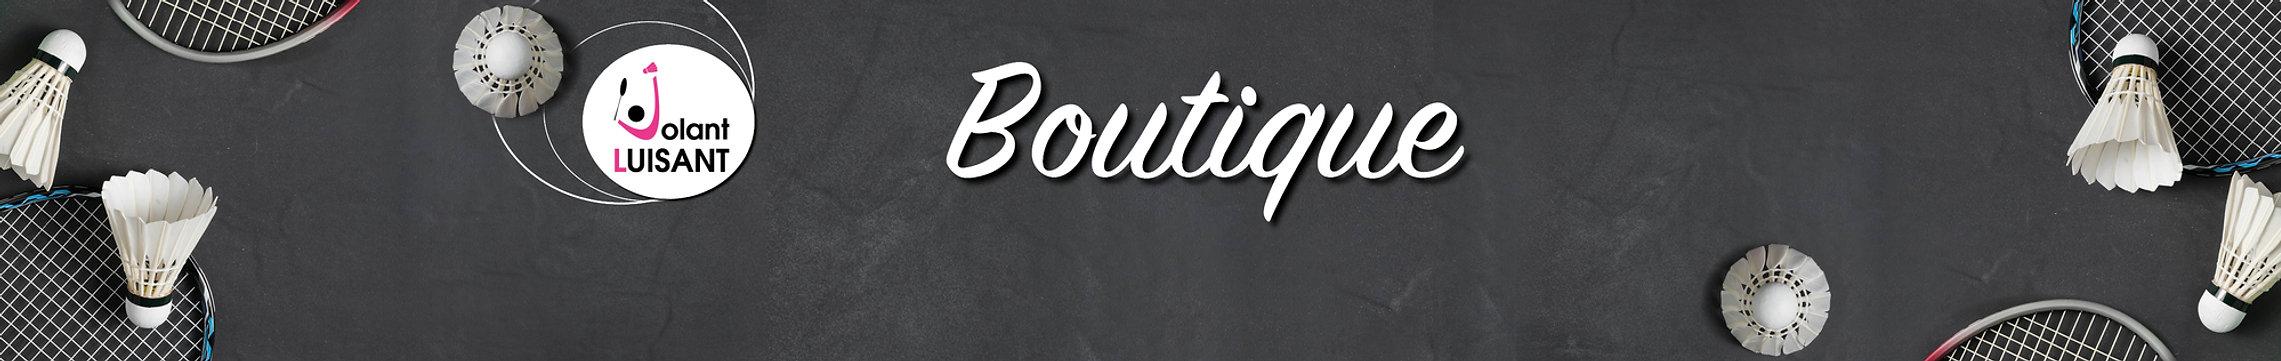 boutique banniere avec logo.jpg